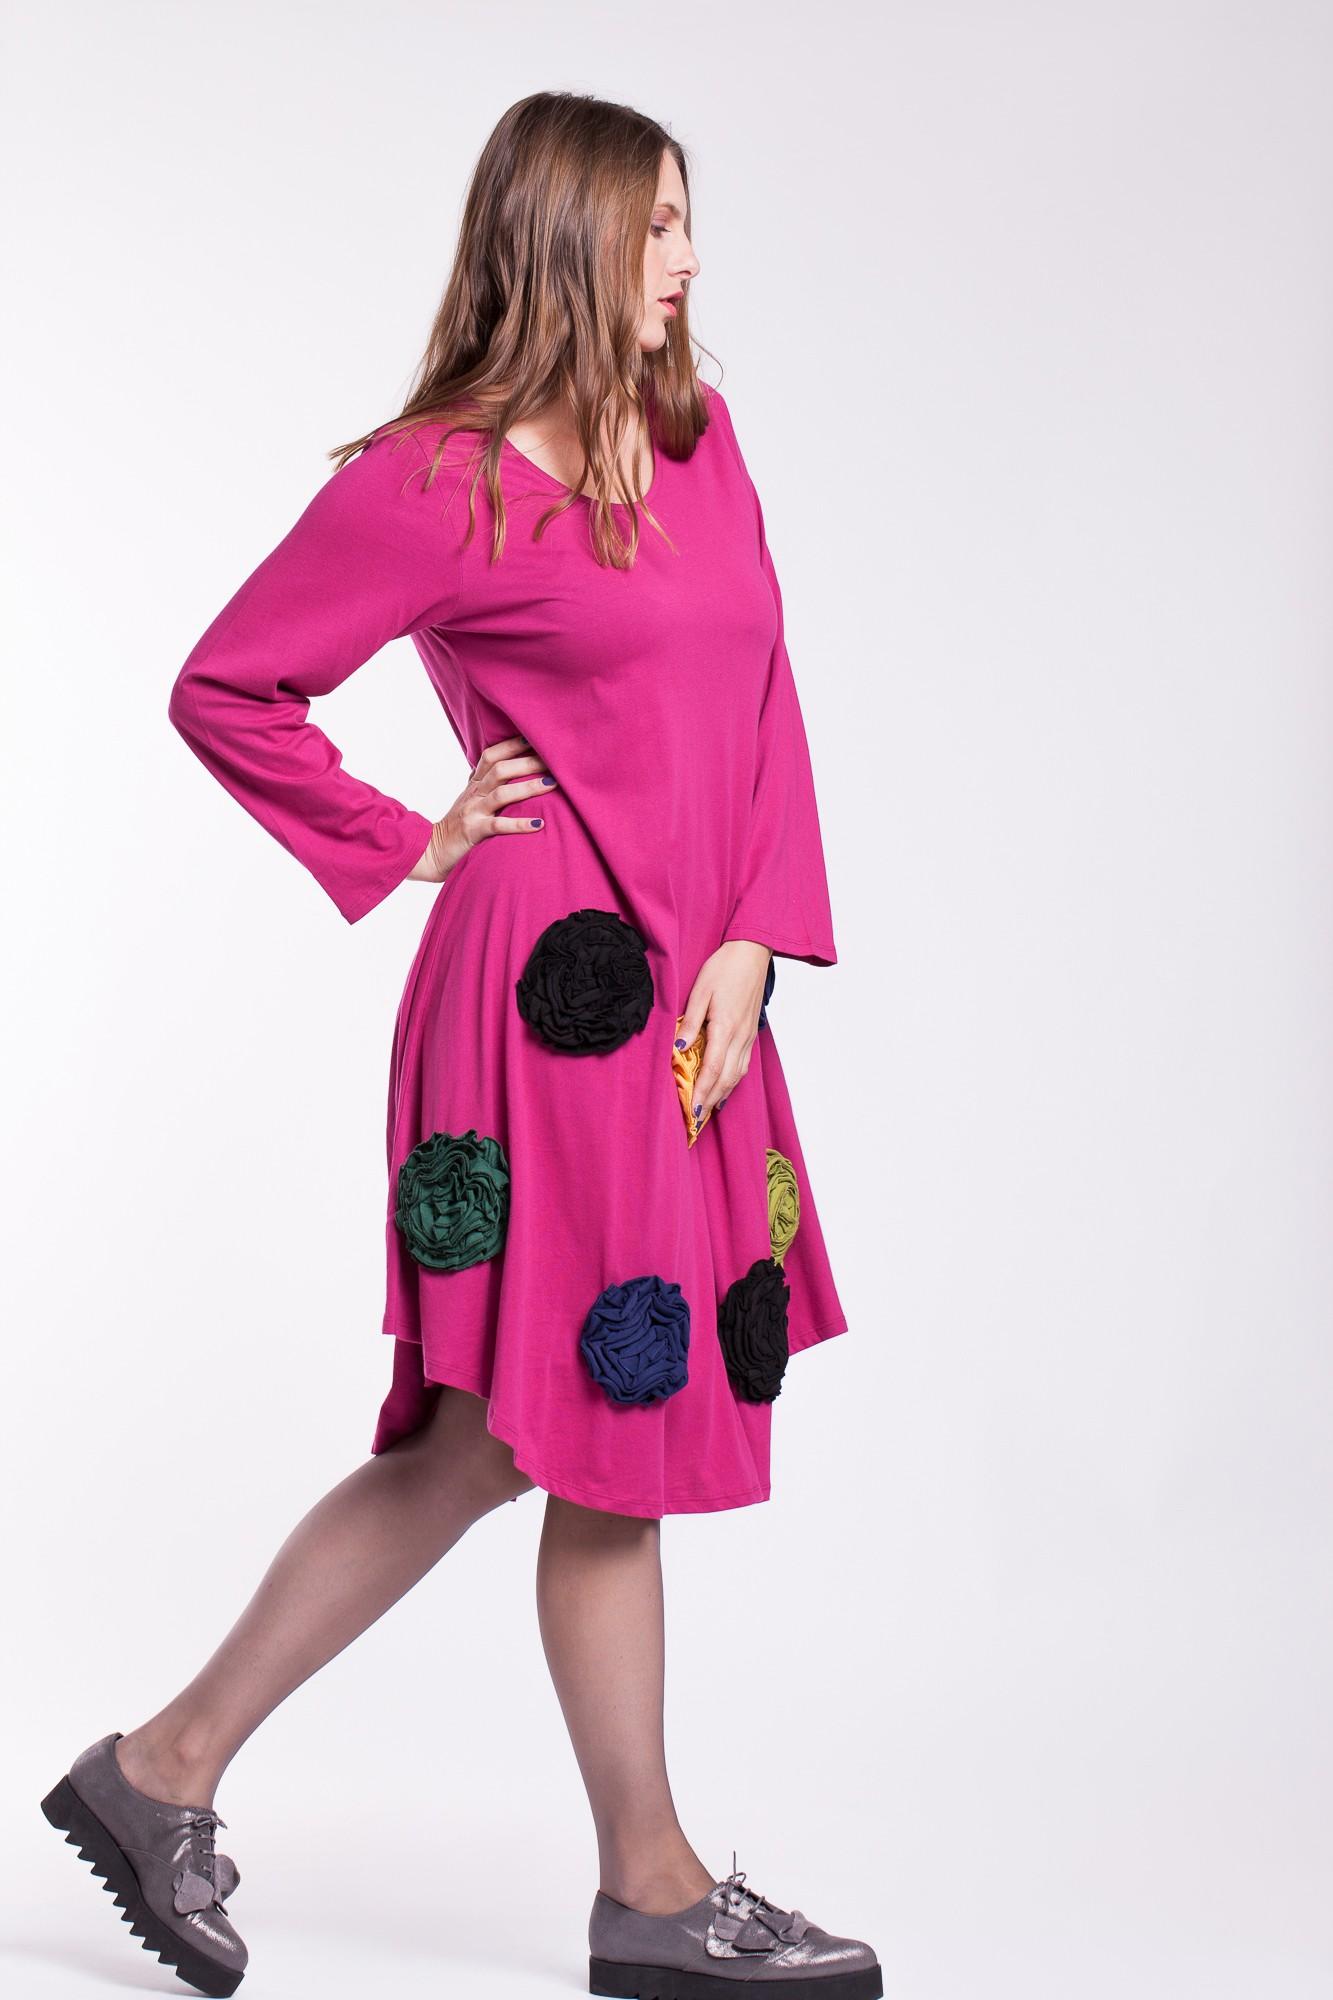 Rochie de bumbac organic fucsia cu flori colorate